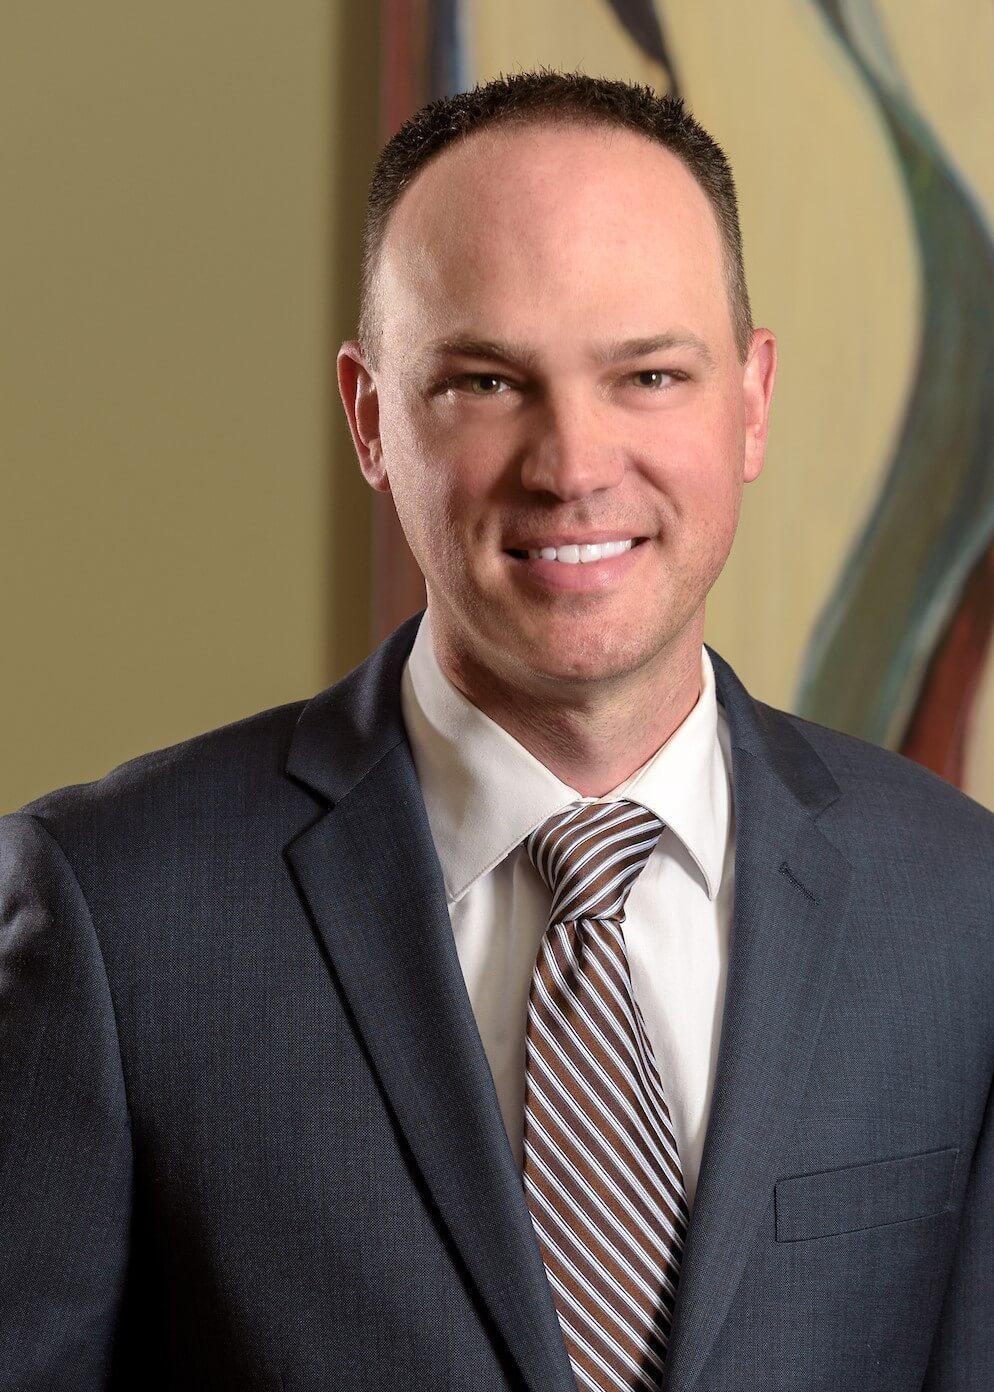 Dr. Robert Larke